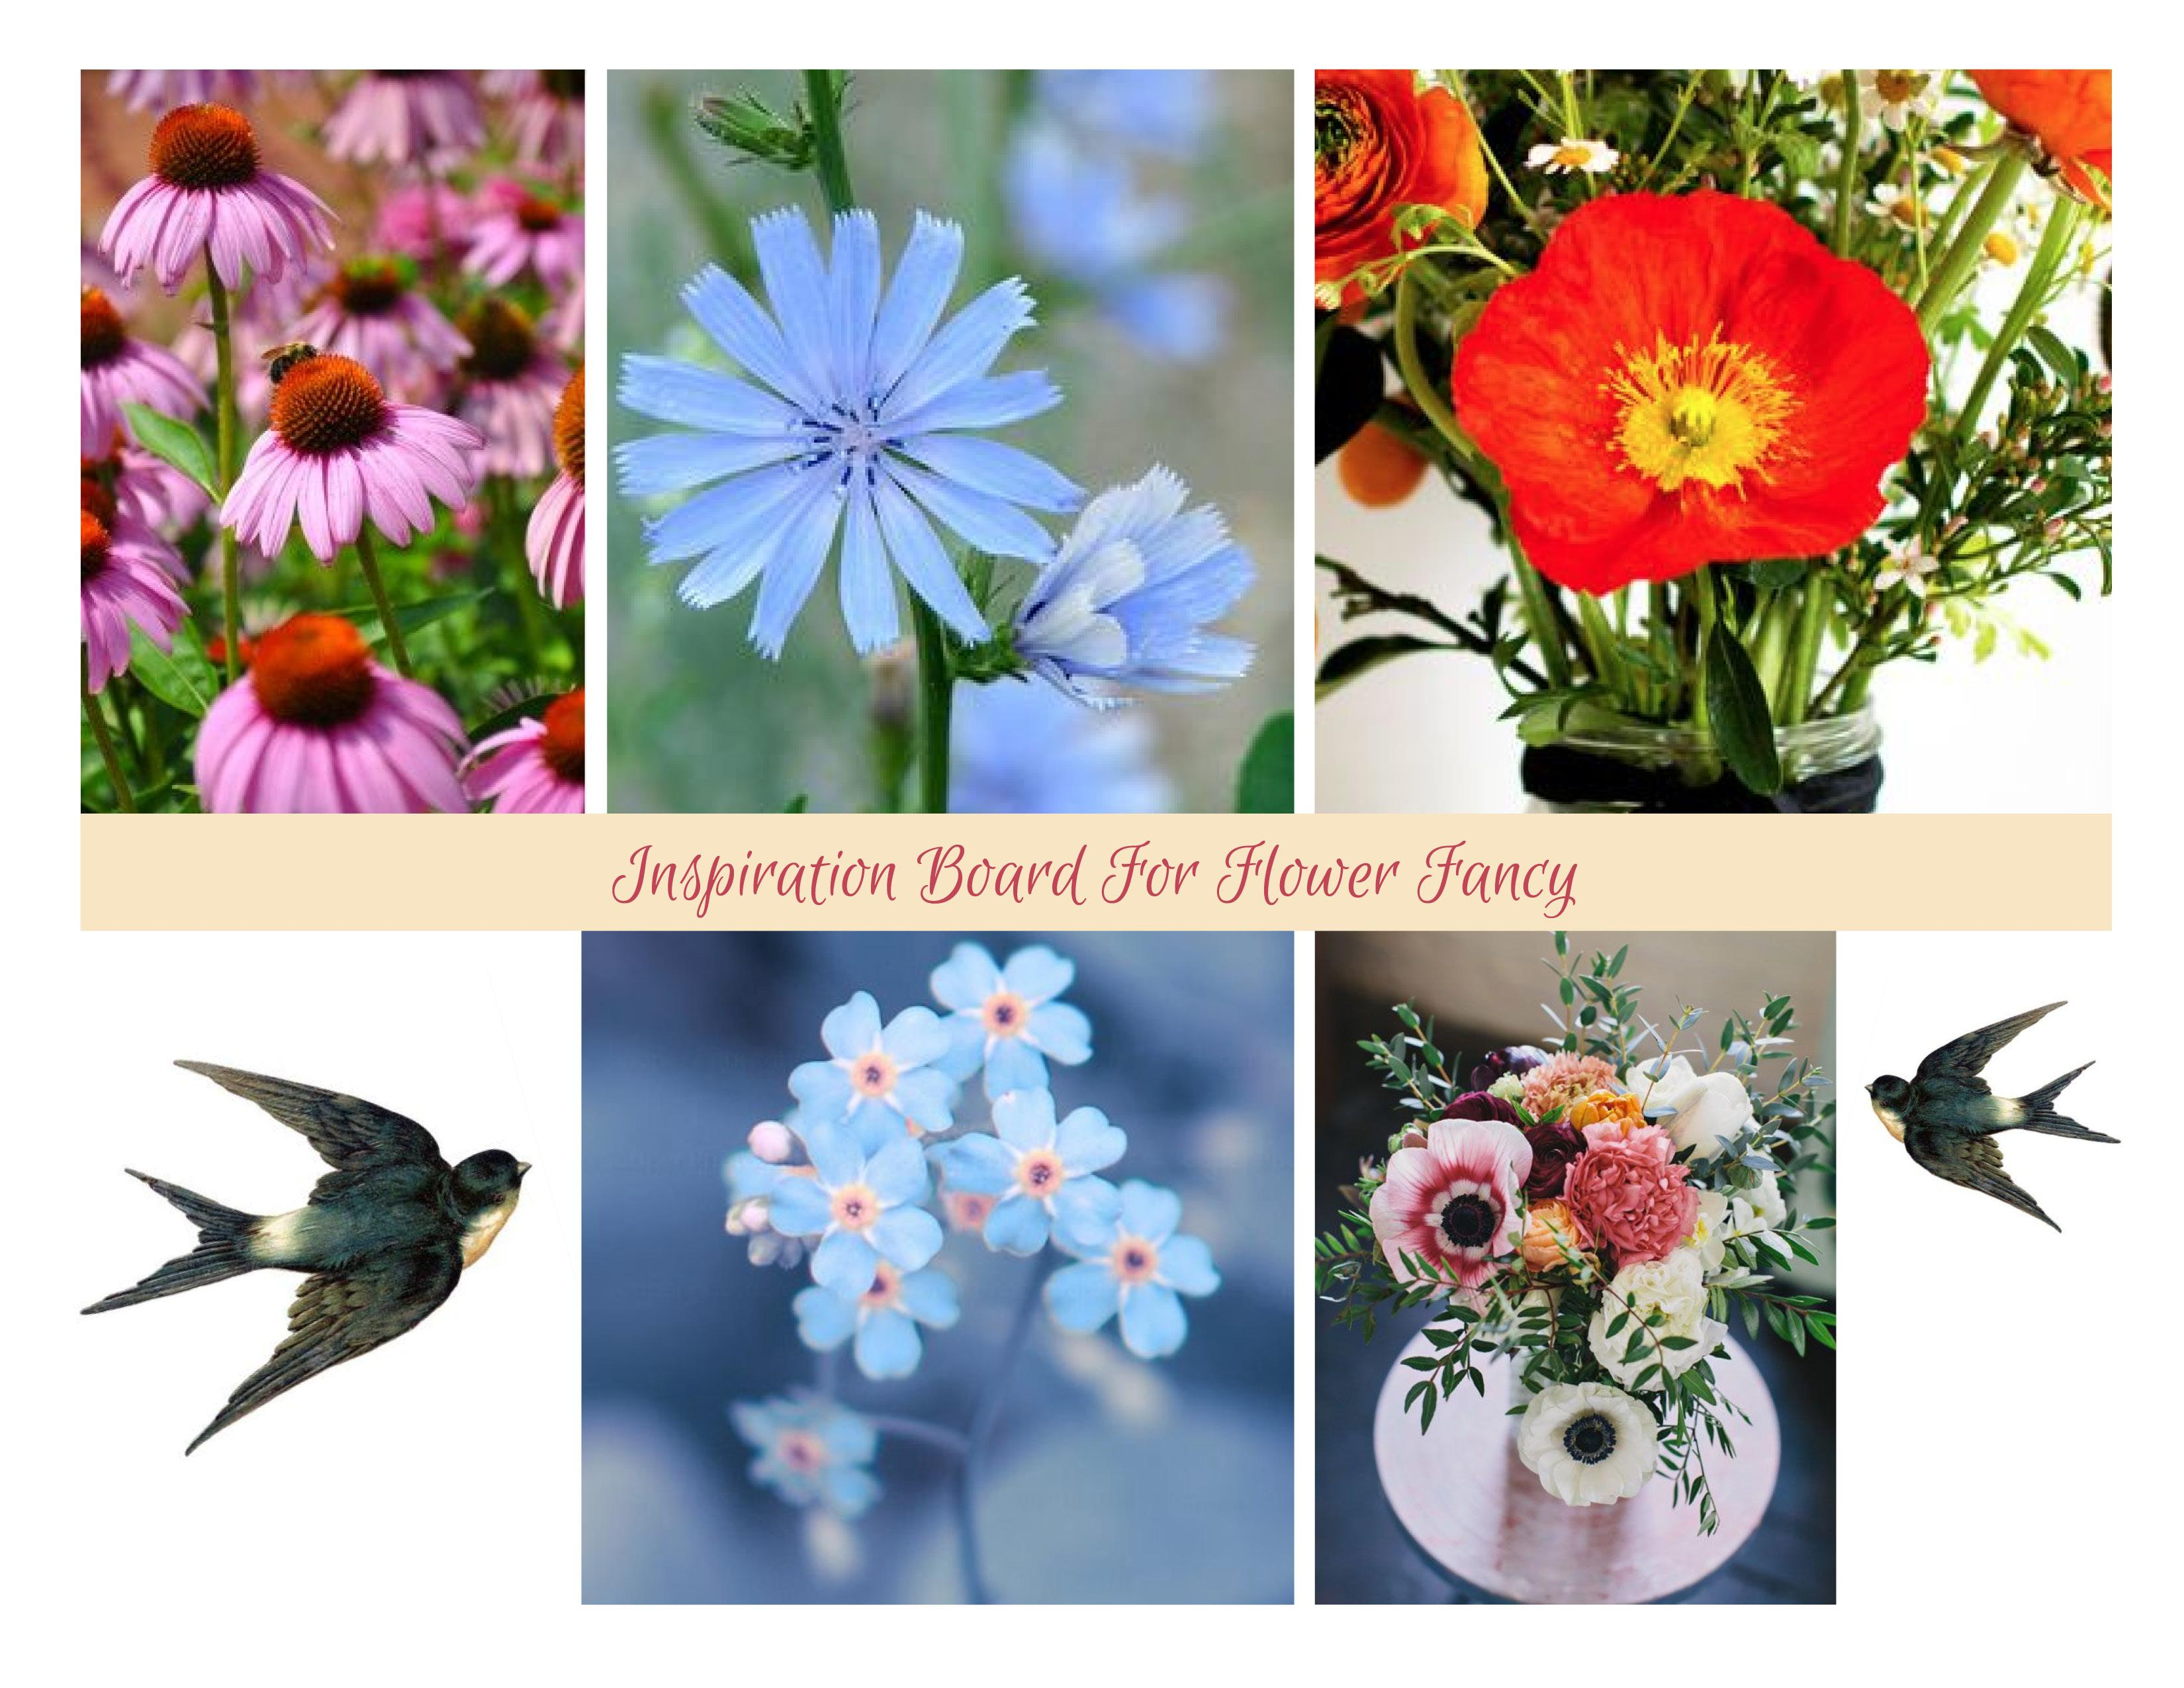 Flower Fancy Skillshare Projects